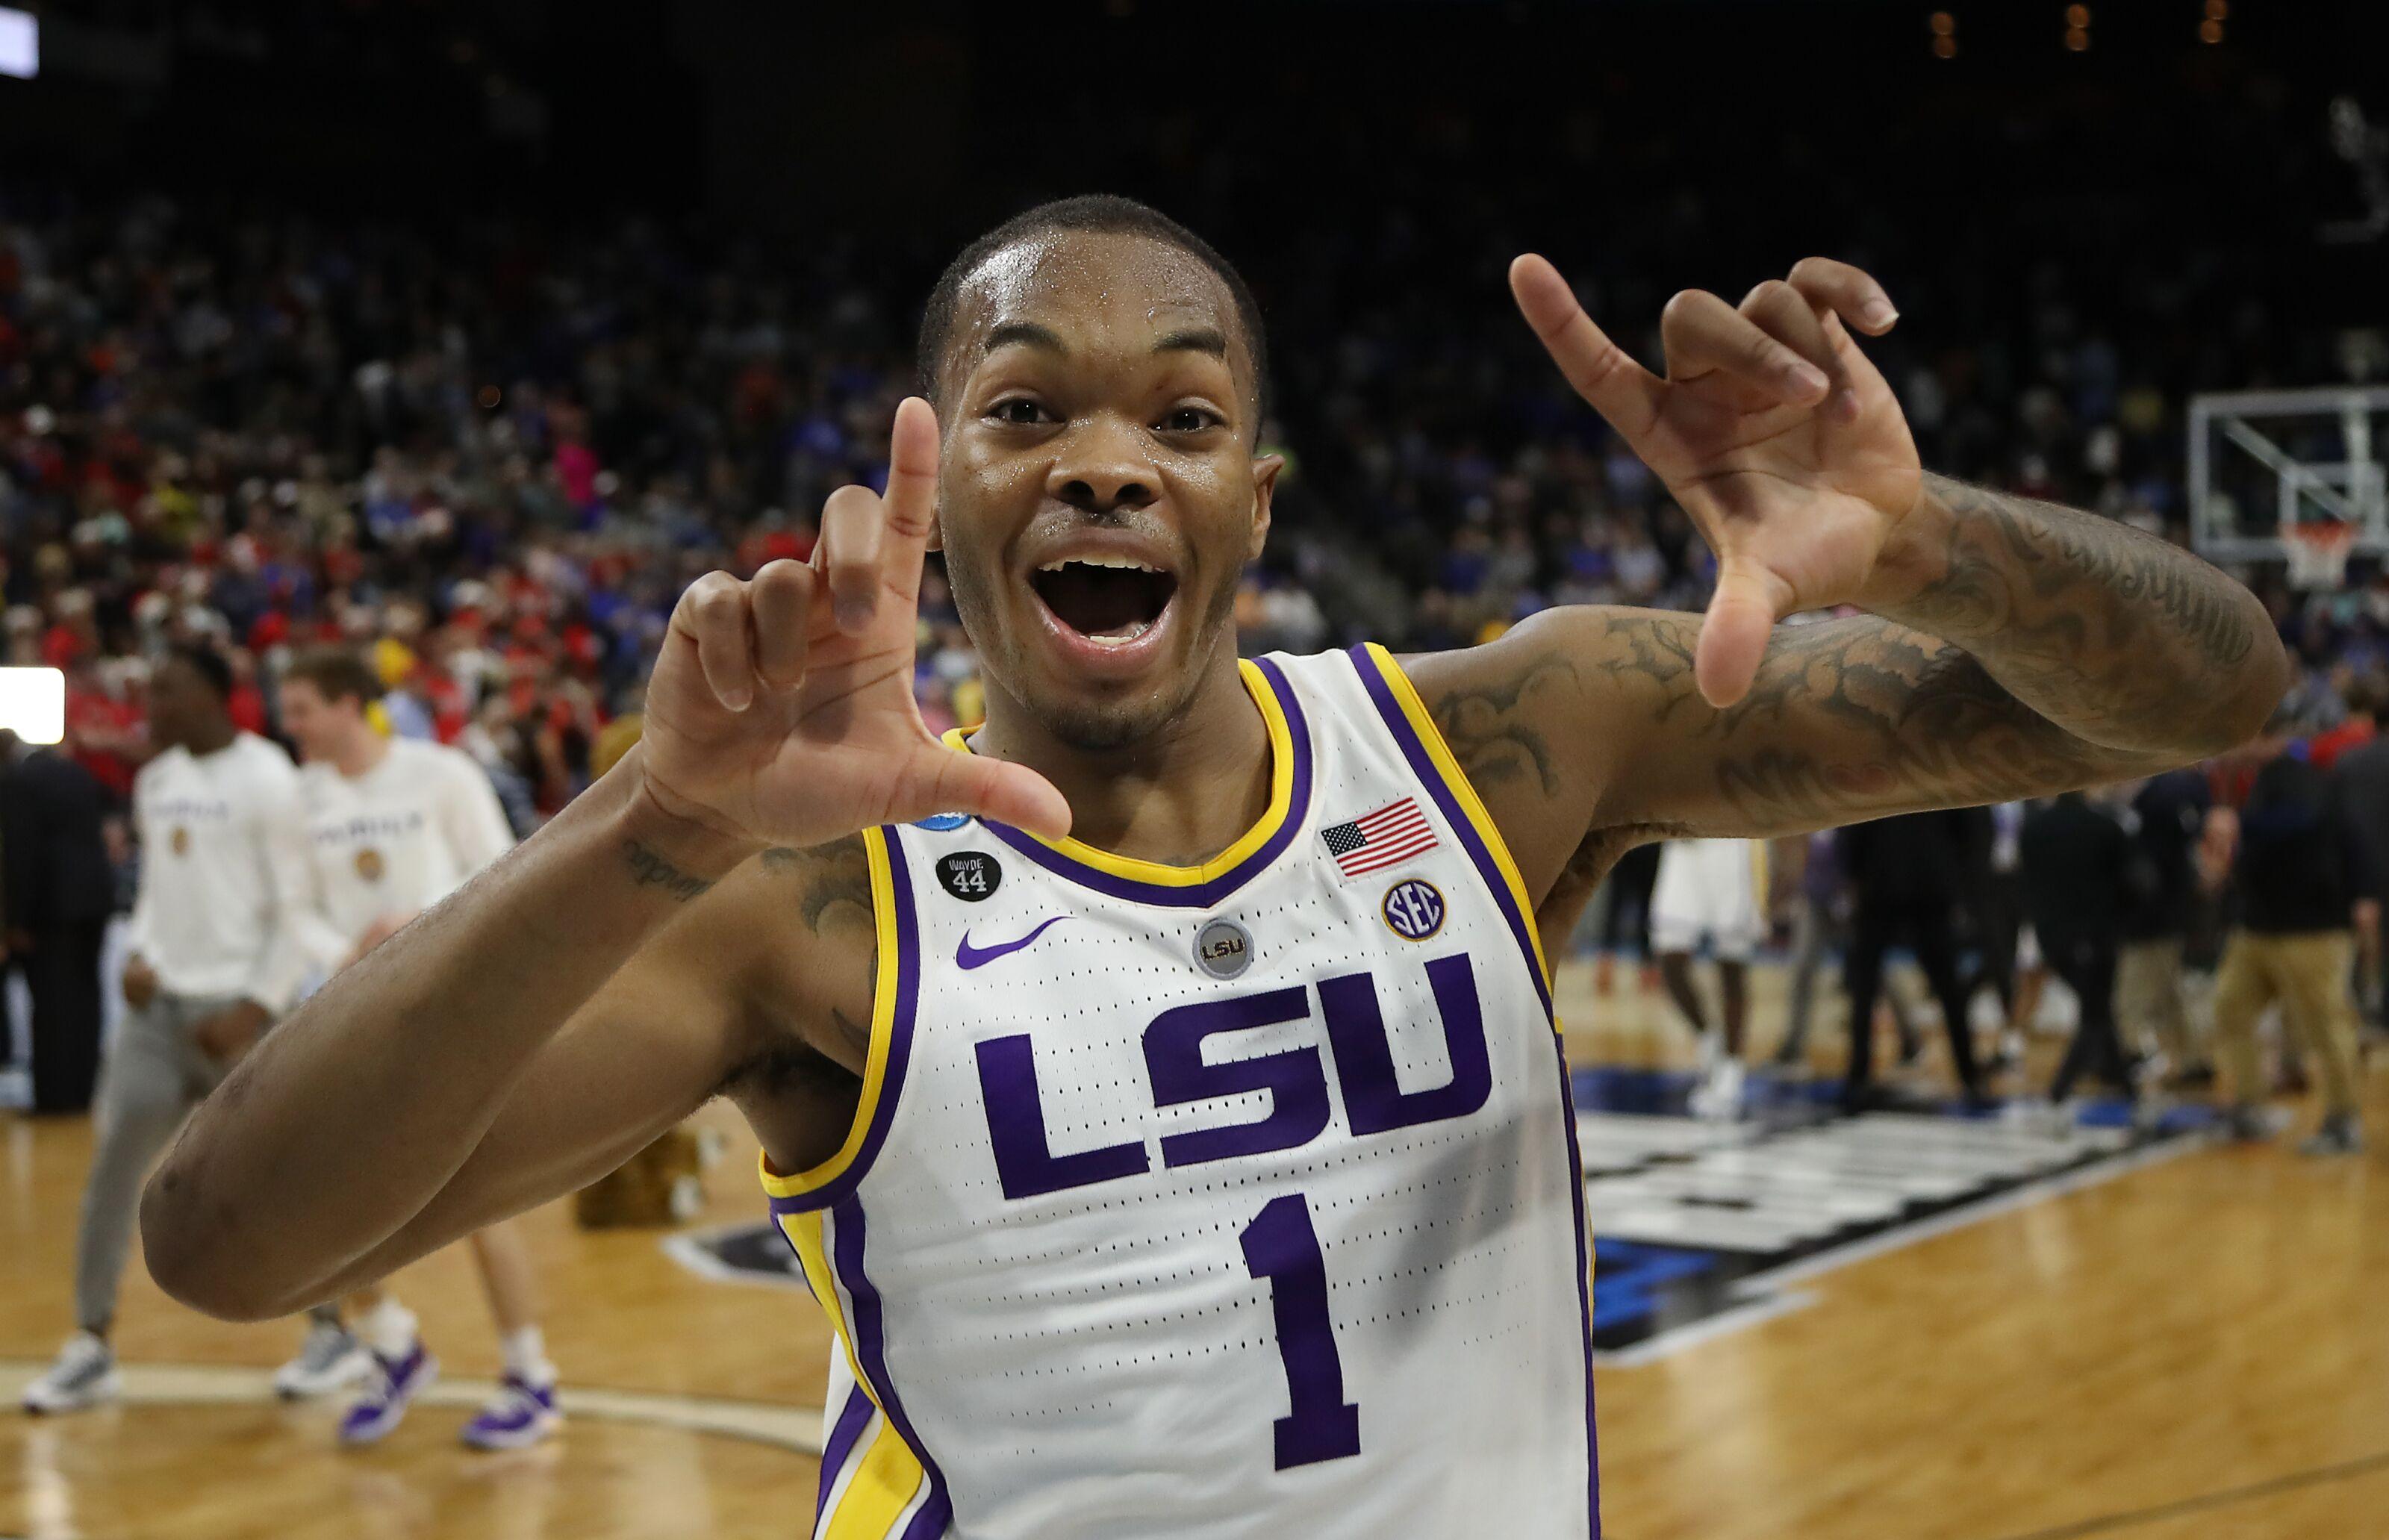 3d8b17a8c11e LSU Basketball  Return of Ja vonte Smart huge for Tigers  2019-20 hopes